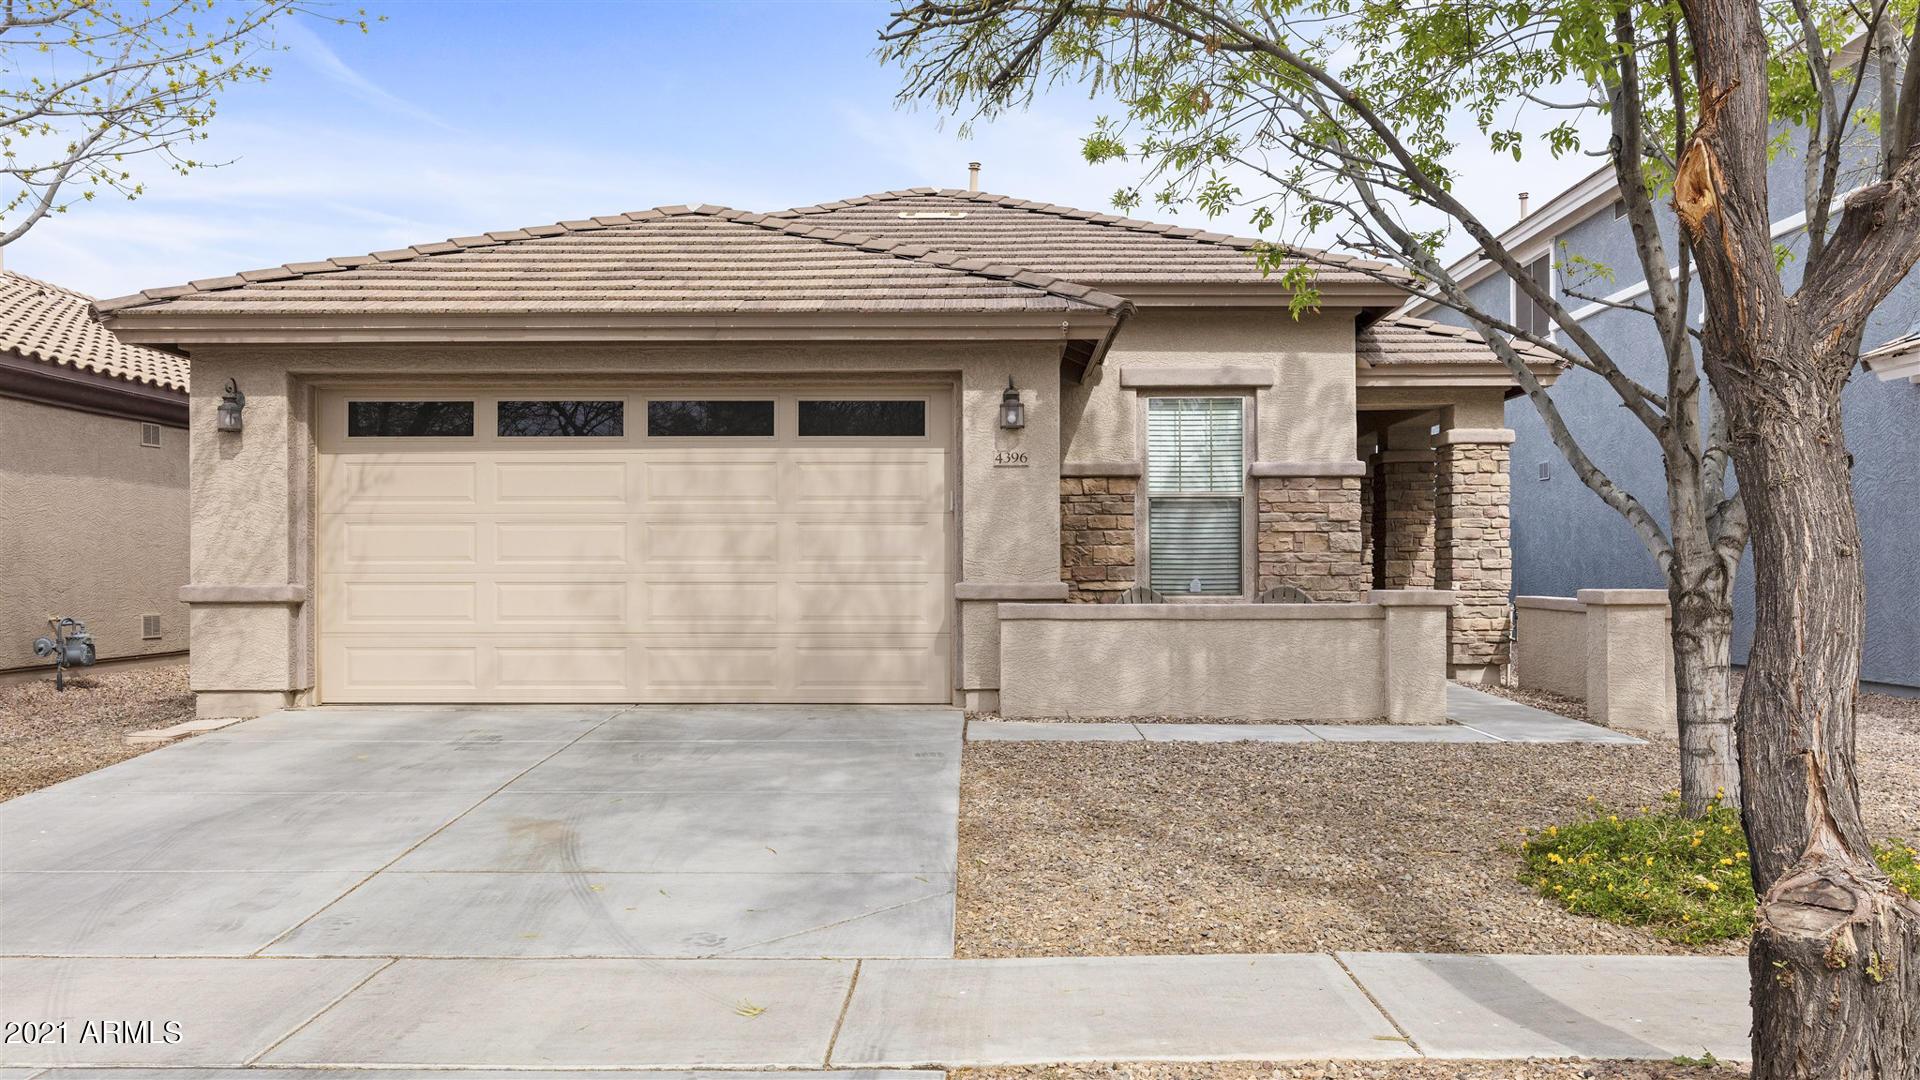 4396 LOS ALTOS Drive, Gilbert, Arizona 85297, 4 Bedrooms Bedrooms, ,2 BathroomsBathrooms,Residential,For Sale,LOS ALTOS,6209185